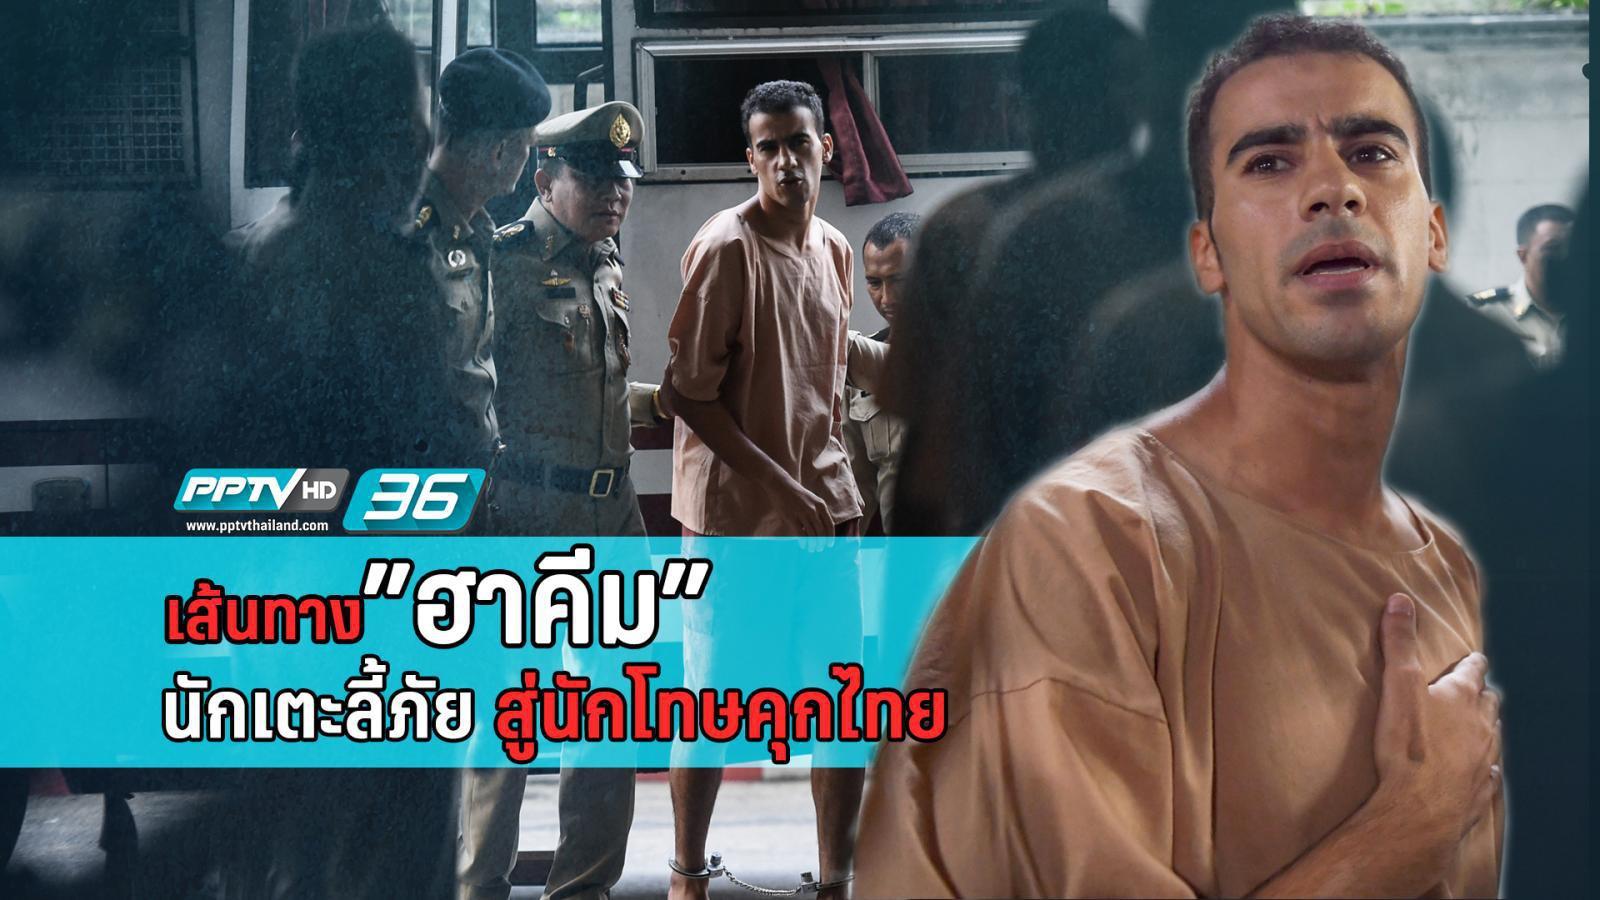 """เปิดจุดเริ่มต้นของ """"ฮาคีม อัล อาไรบี"""" ที่ทำให้ไทยอยู่ในสภาวะลำบากใจ"""